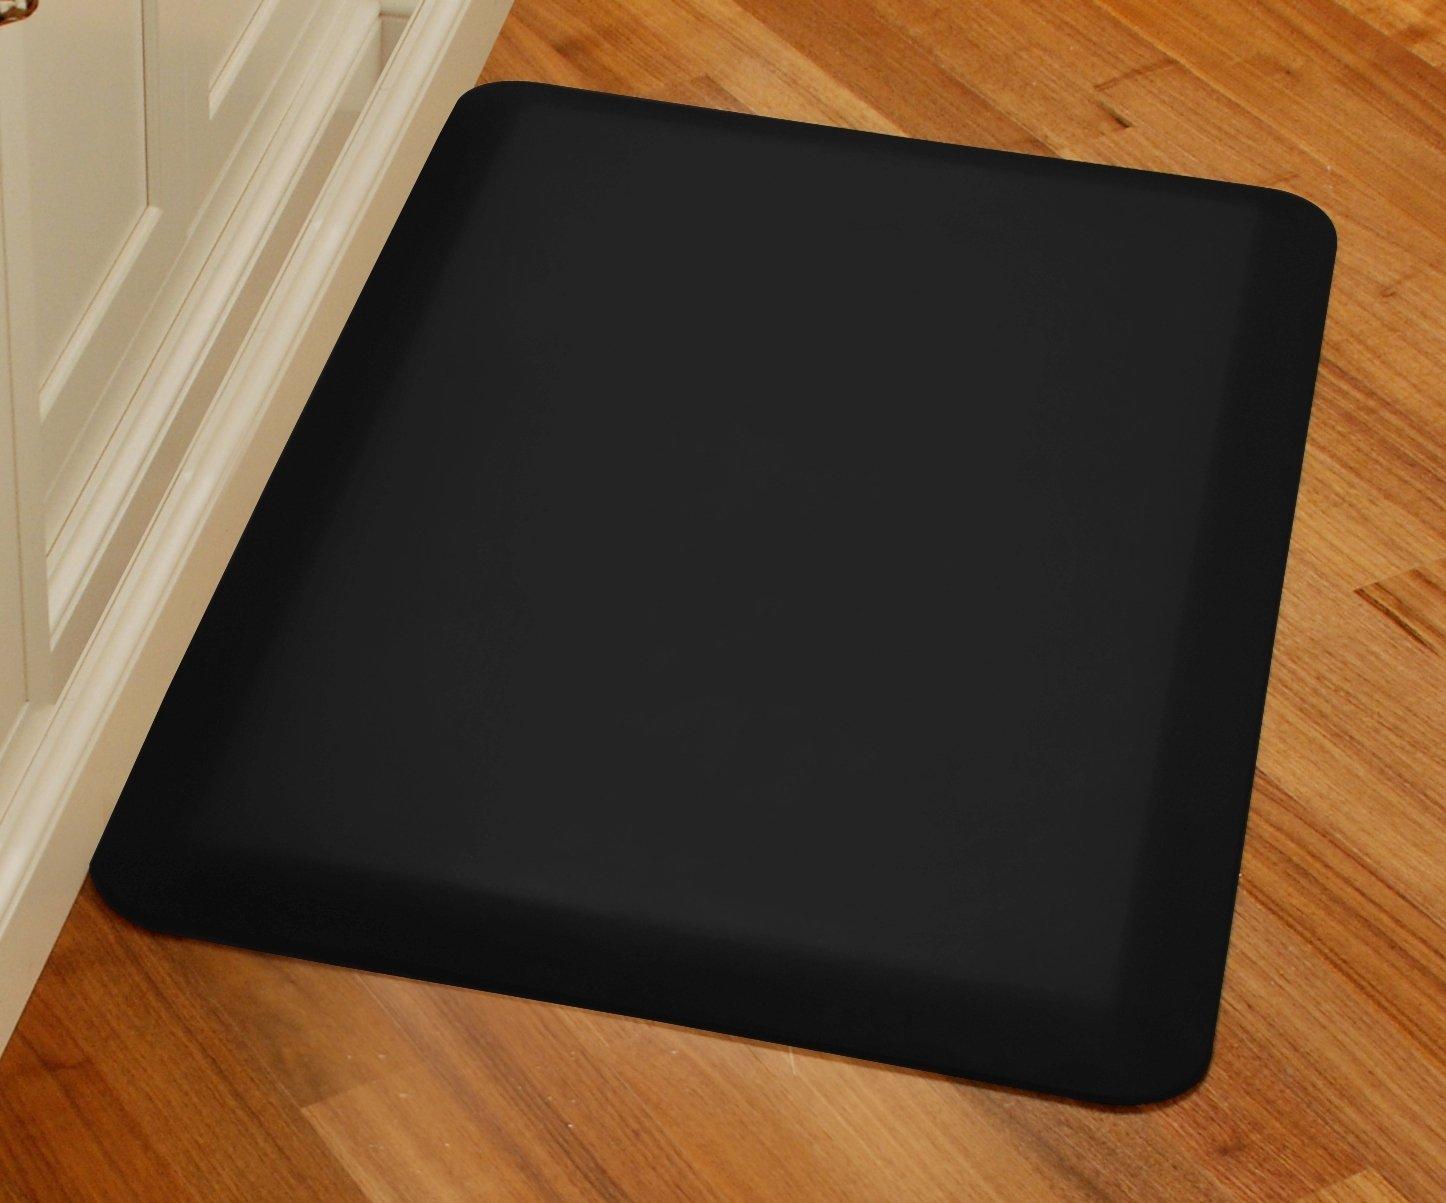 WellnessMats Original Anti-Fatigue Kitchen Mat, 36 Inch by 24 Inch, Tan 32WMRTAN